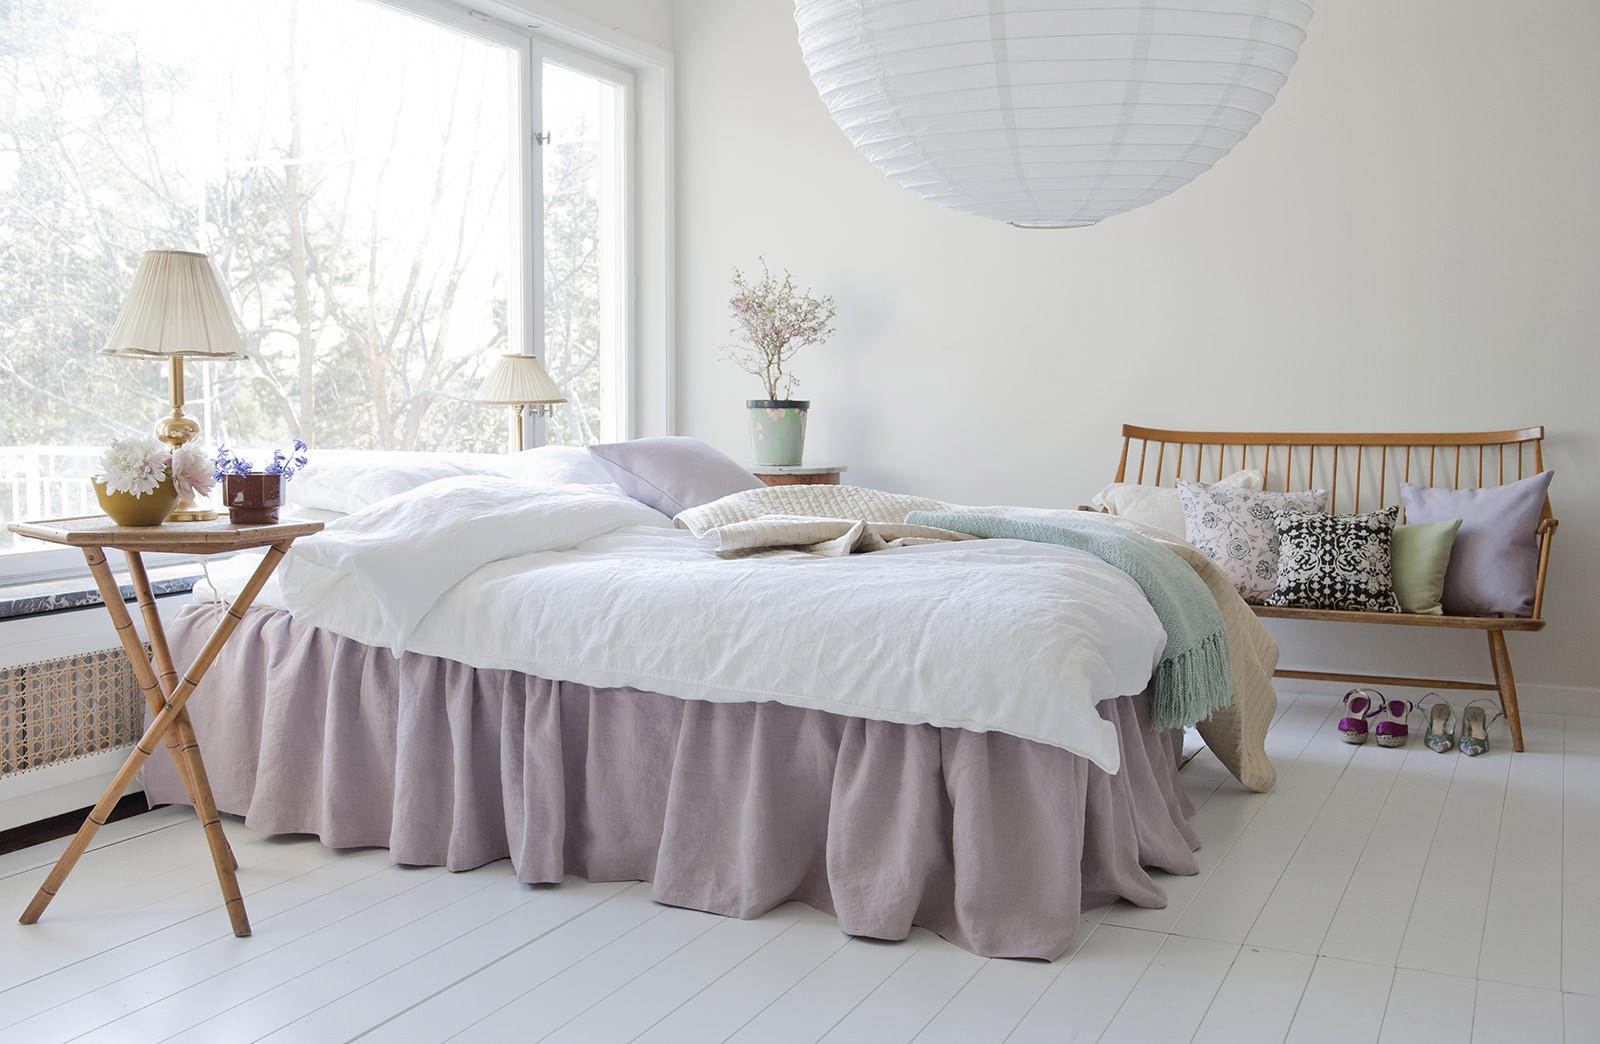 Реечная кровать в скандинавском стиле